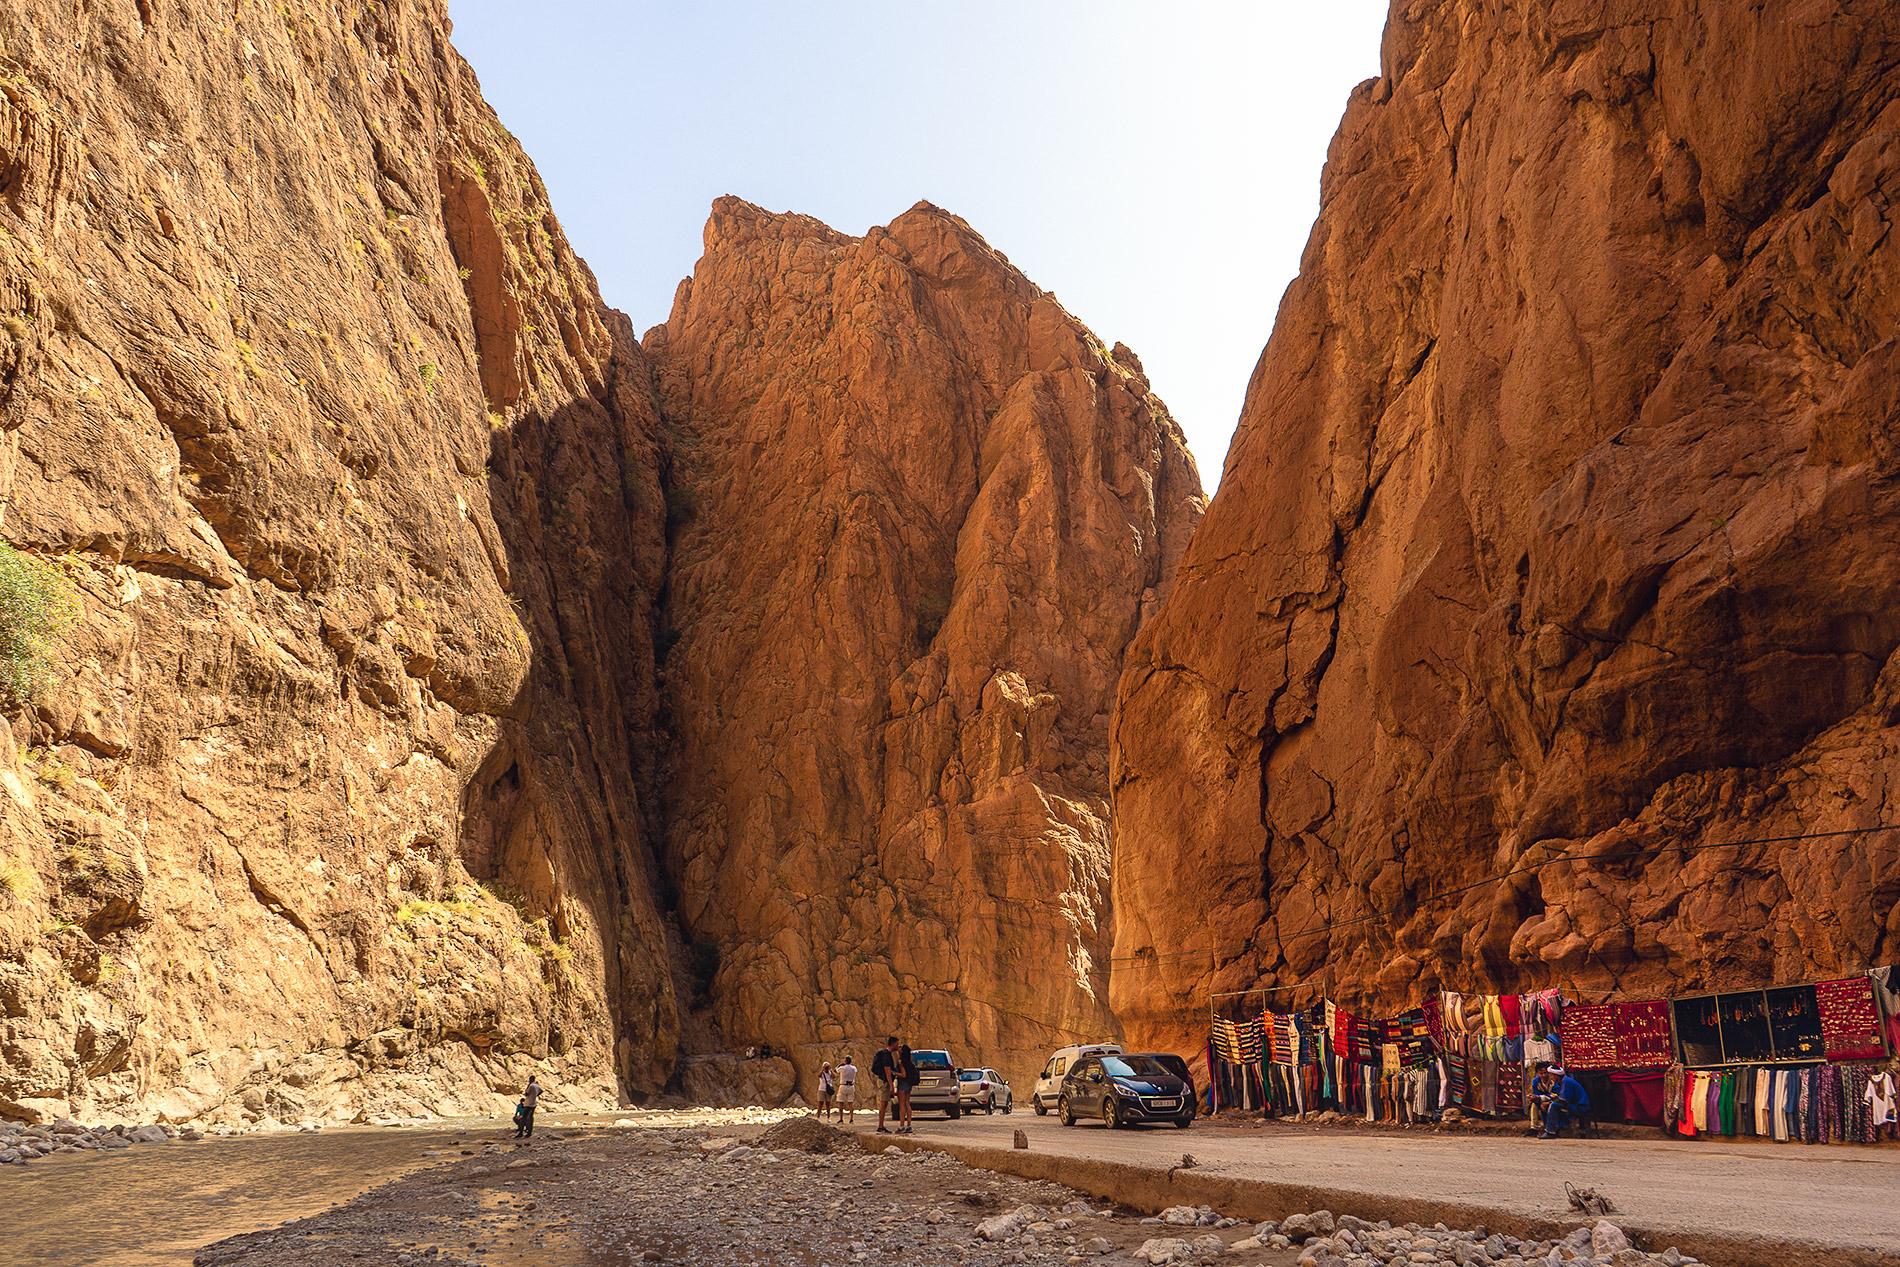 Gargantas du Todra, uma das principais atrações em Marrocos